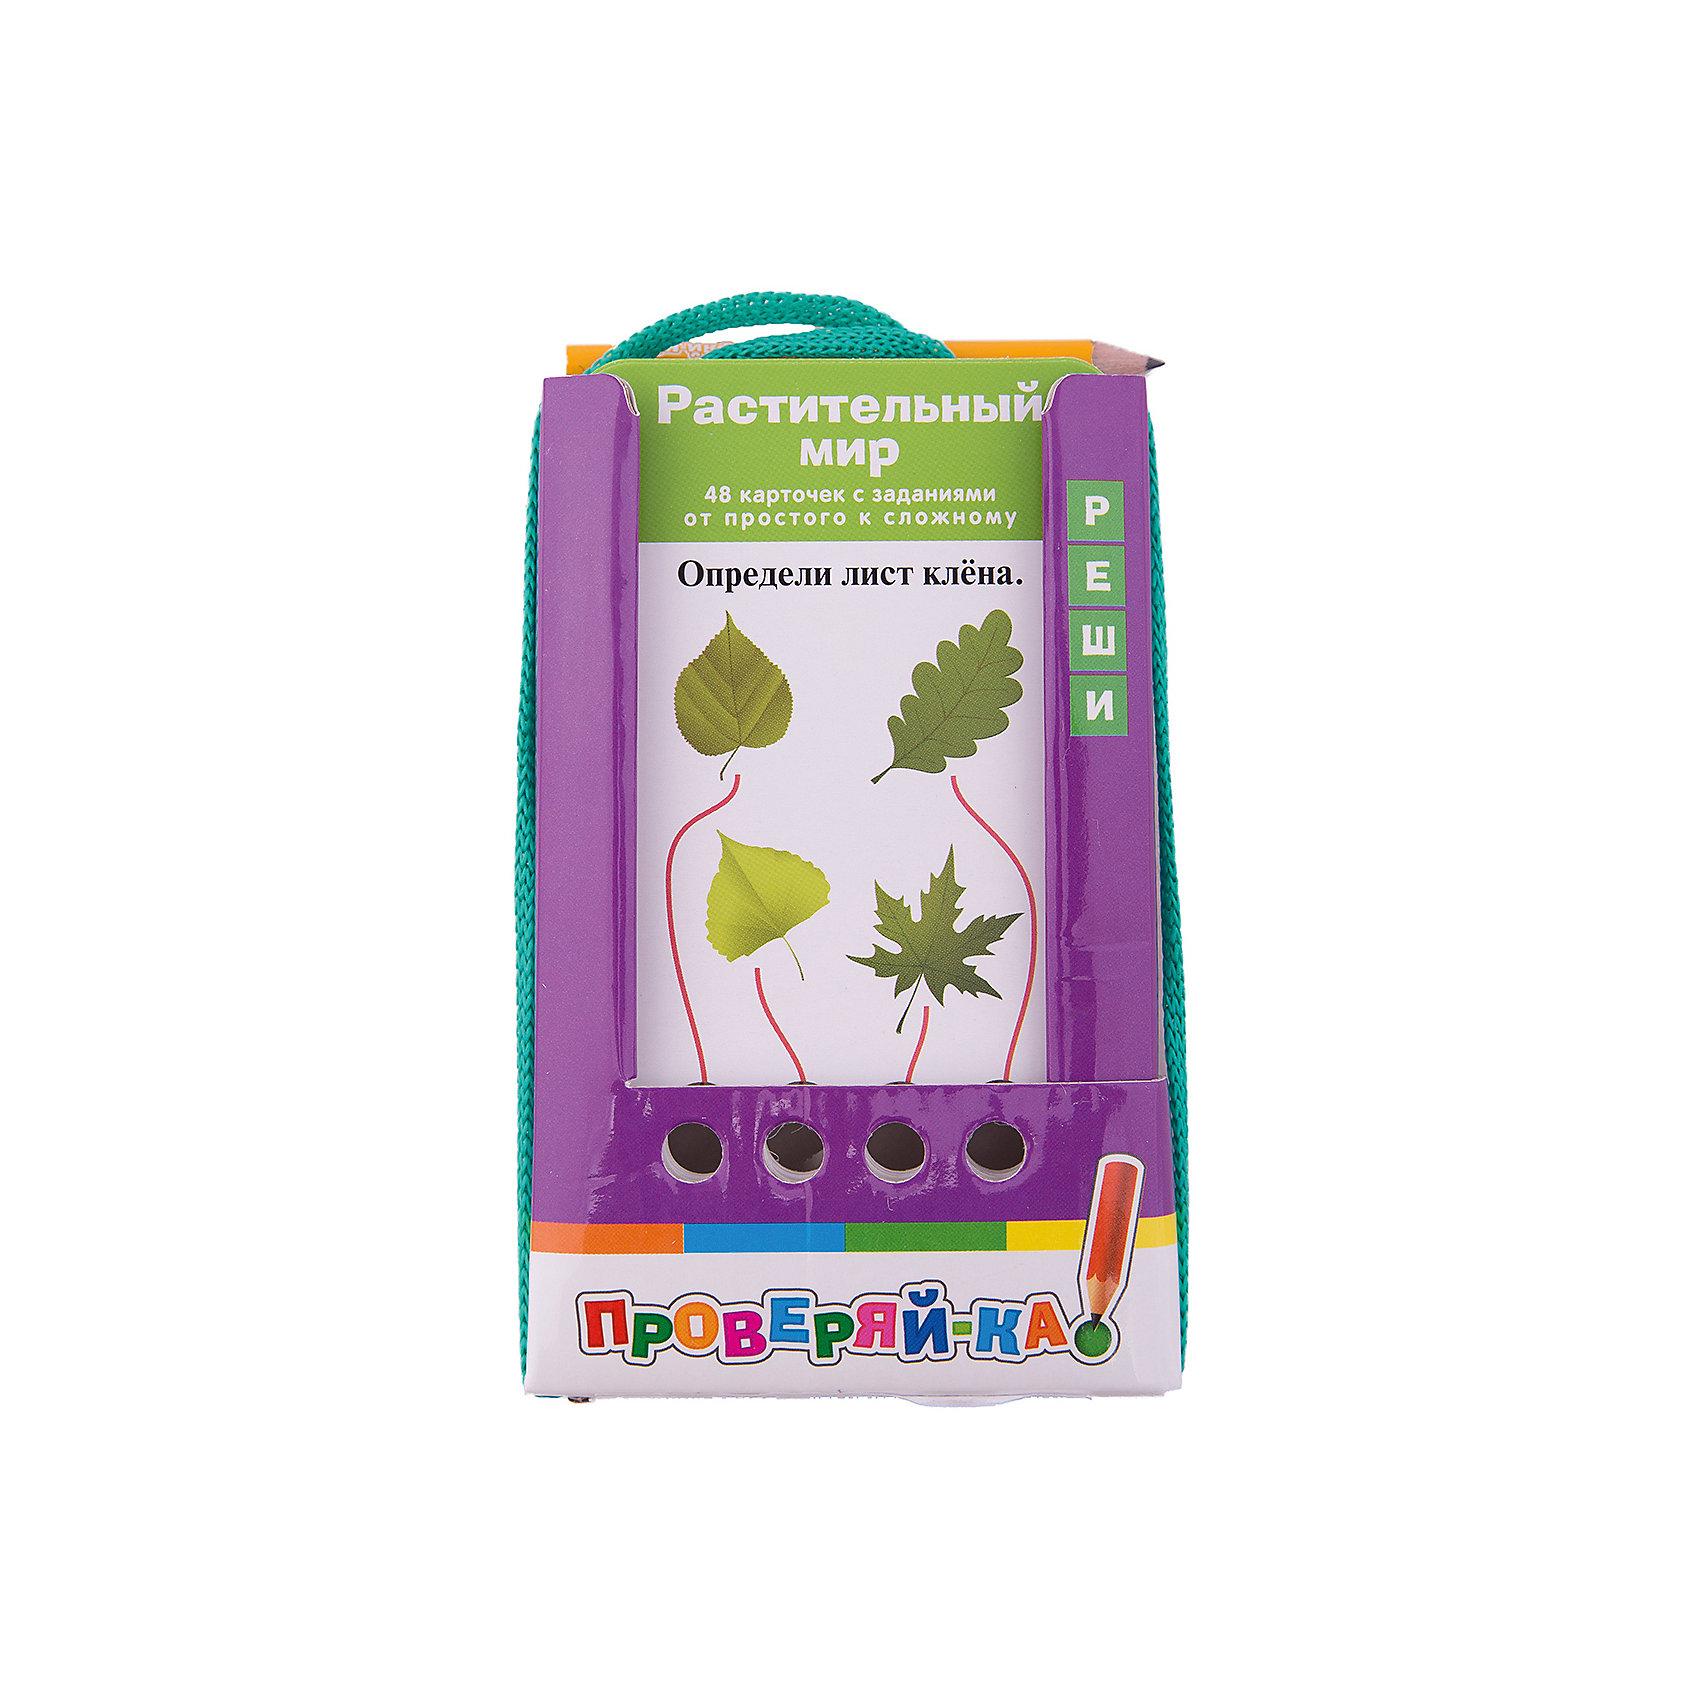 Проверяй-ка: Растительный мир, Ходюшина Н.П.Обучающие карточки<br>Комплект состоит из 48 двухсторонних карточек и рассчитан на две разных игры с цветной и чёрно-белой сторонами. Задания помогут проверить и закрепить знания ребёнка о растениях, расширят его кругозор.&#13;<br>Условия игры с карточками подразумевают их многократное использование. Простота и удобство комплекта позволяют организовать игру в школе и дома, а также в транспорте или на природе.&#13;<br>Благодаря игровой форме пособия учебный материал усваивается легче и без принуждения, реализуется безопасное для здоровья ребёнка обучение.<br><br>Ширина мм: 22<br>Глубина мм: 90<br>Высота мм: 140<br>Вес г: 120<br>Возраст от месяцев: 72<br>Возраст до месяцев: 96<br>Пол: Унисекс<br>Возраст: Детский<br>SKU: 6849610